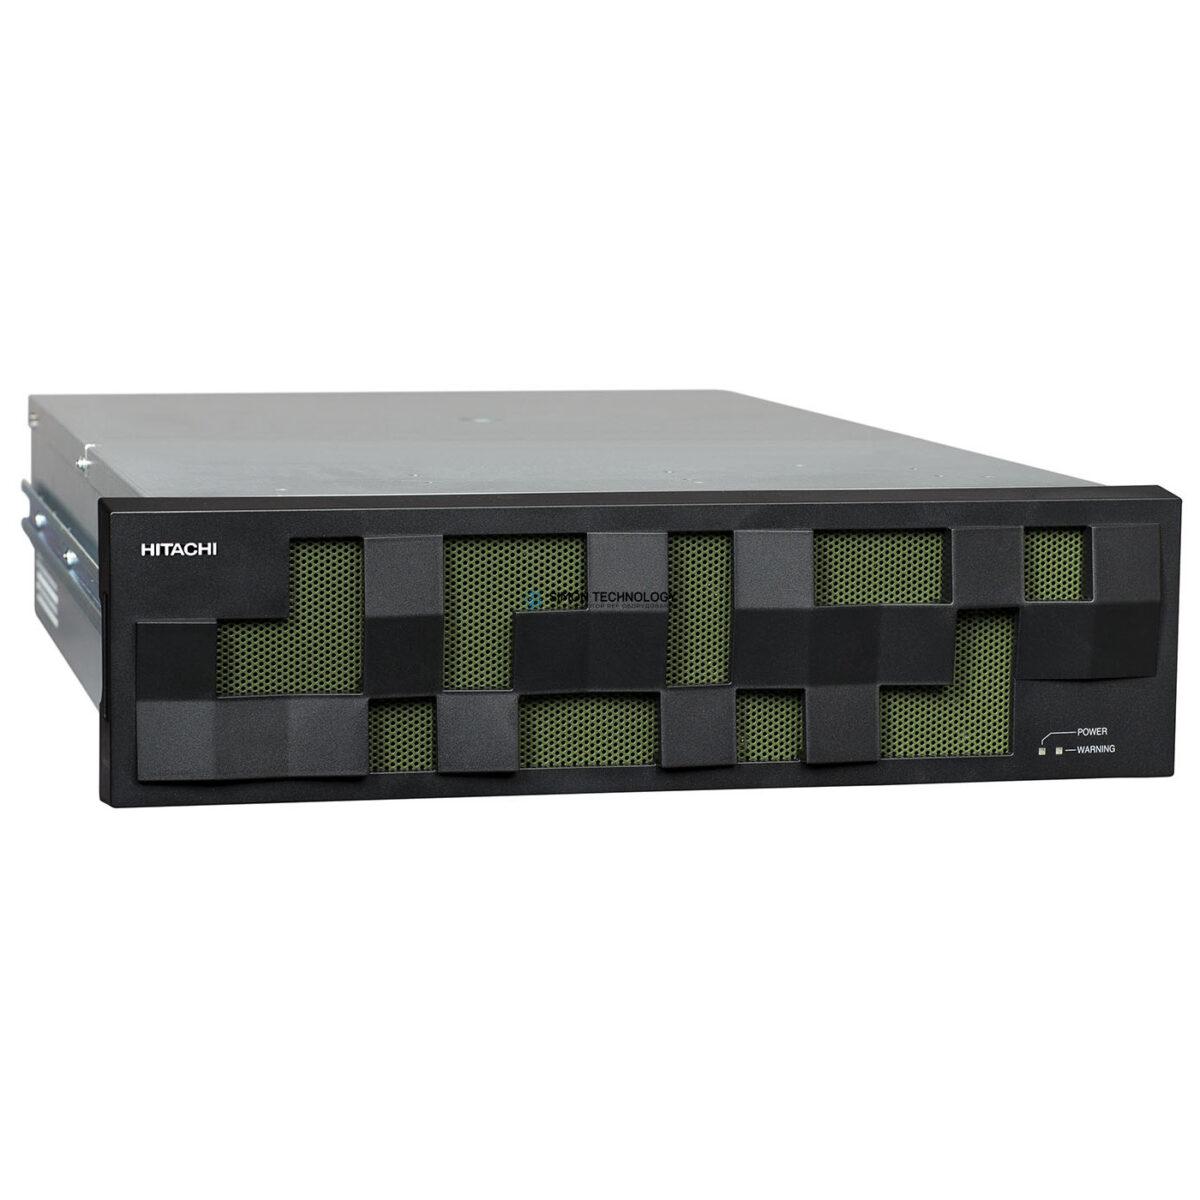 СХД HDS Hitachi NAS 4100 Base Unit (SX345384-06)